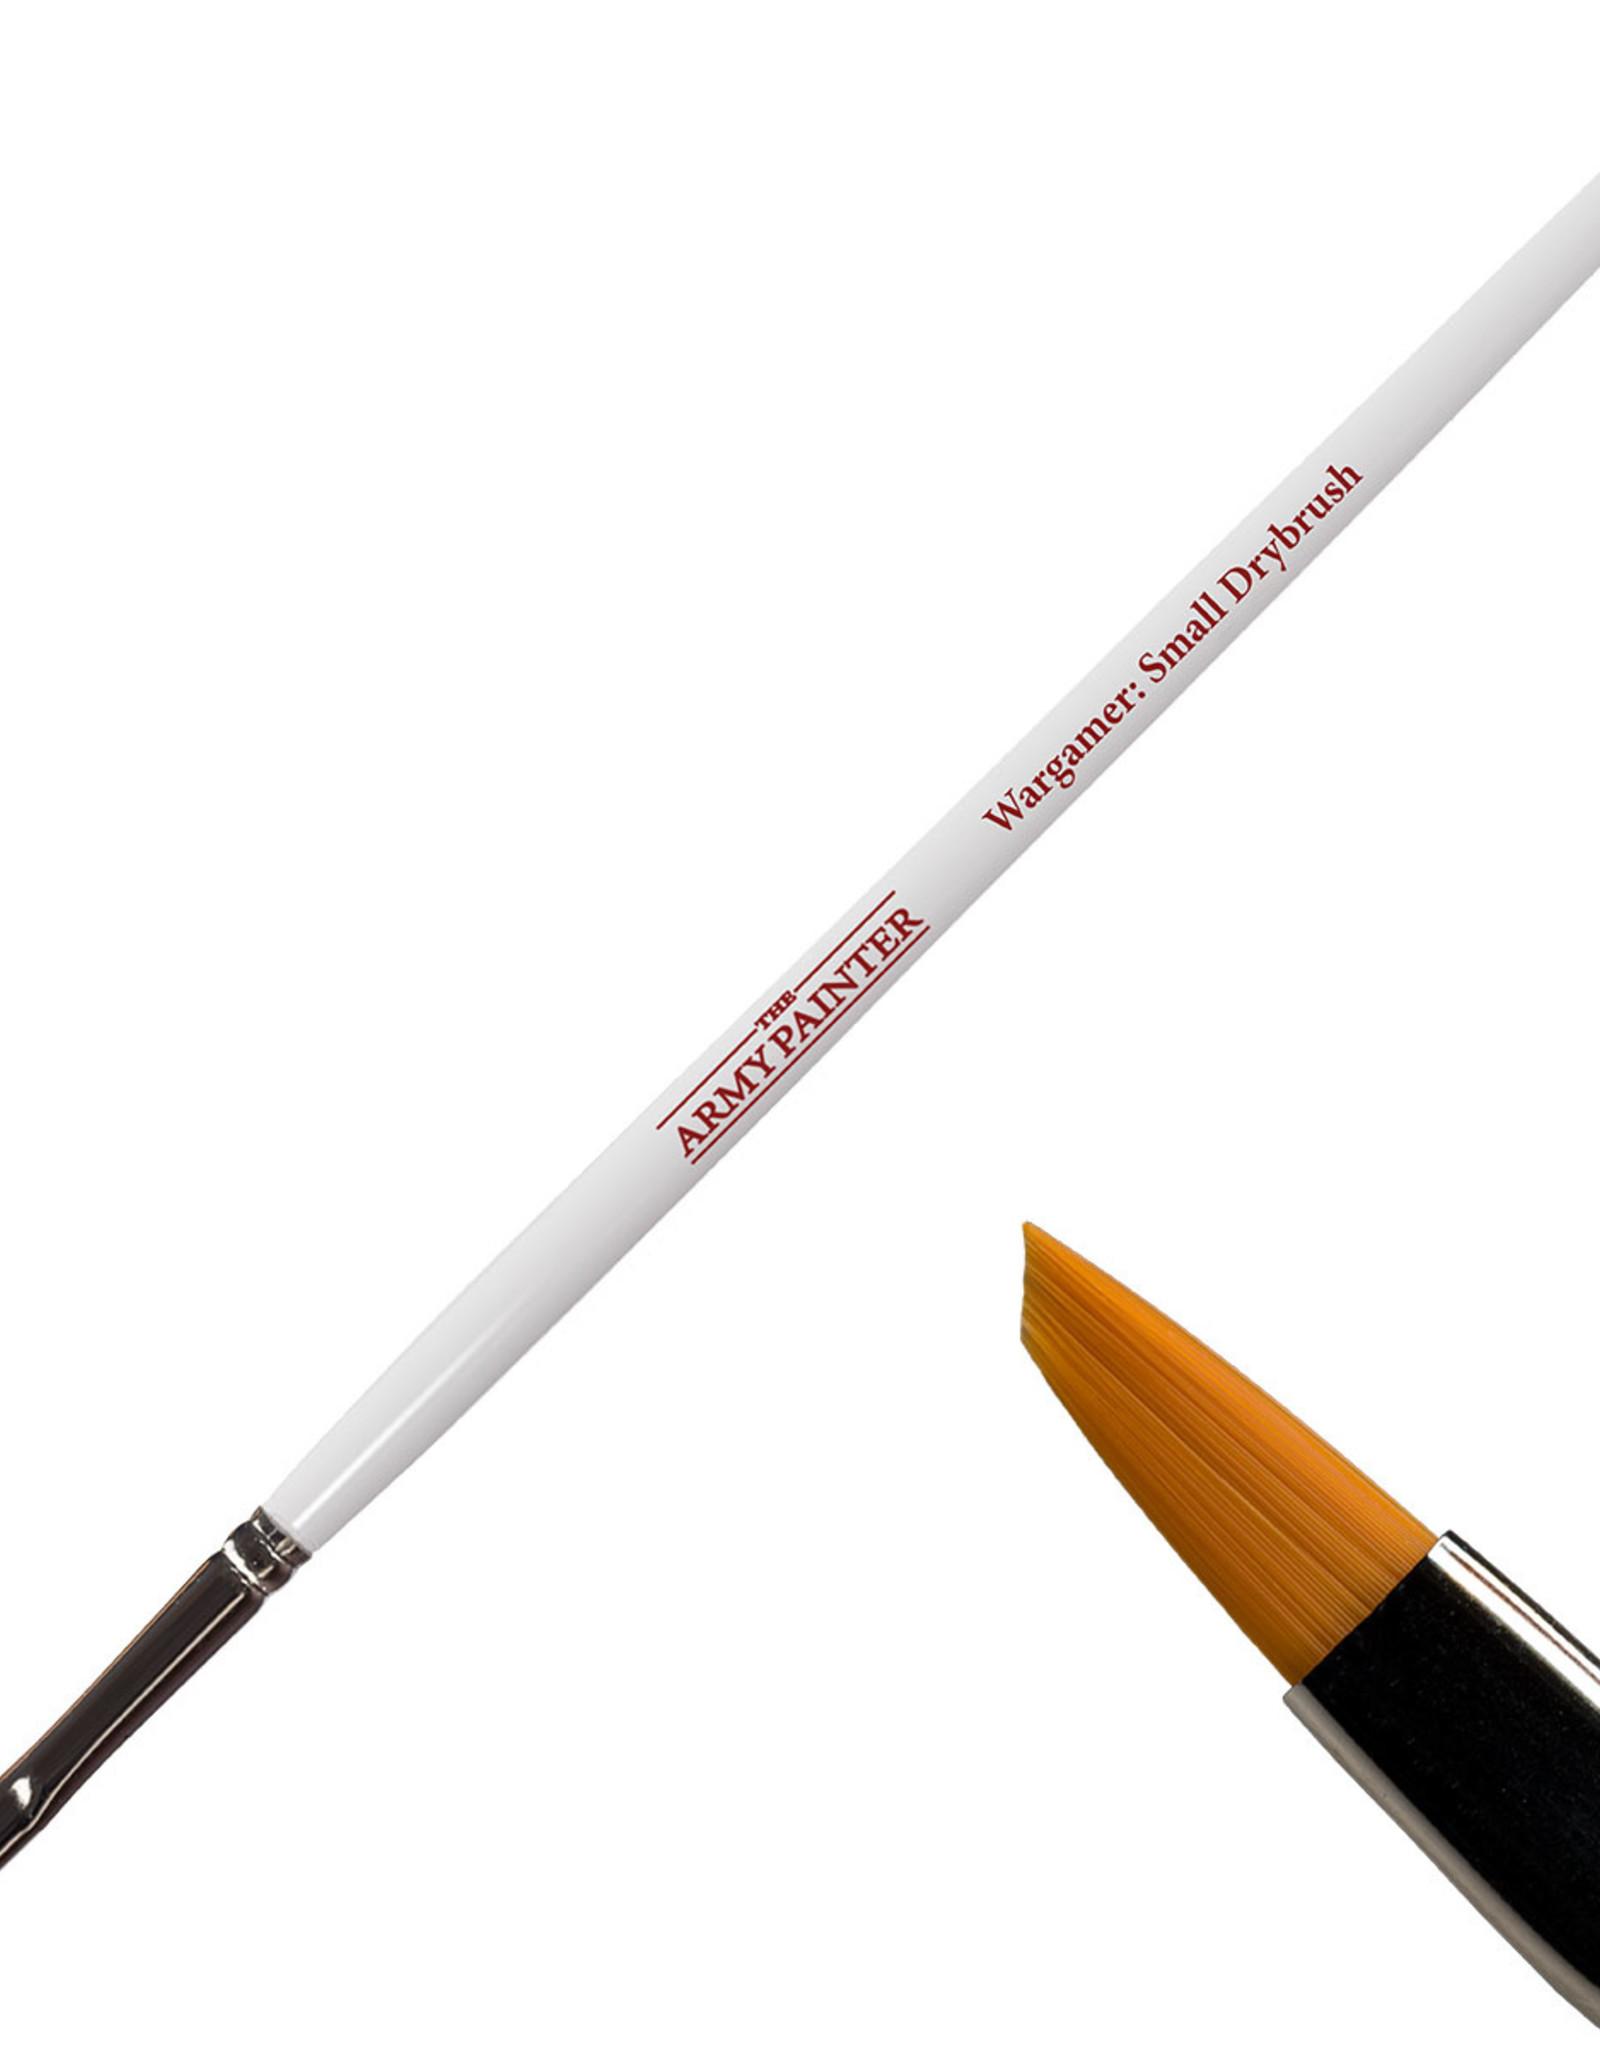 Army Painter: Brushes: Small Drybrush